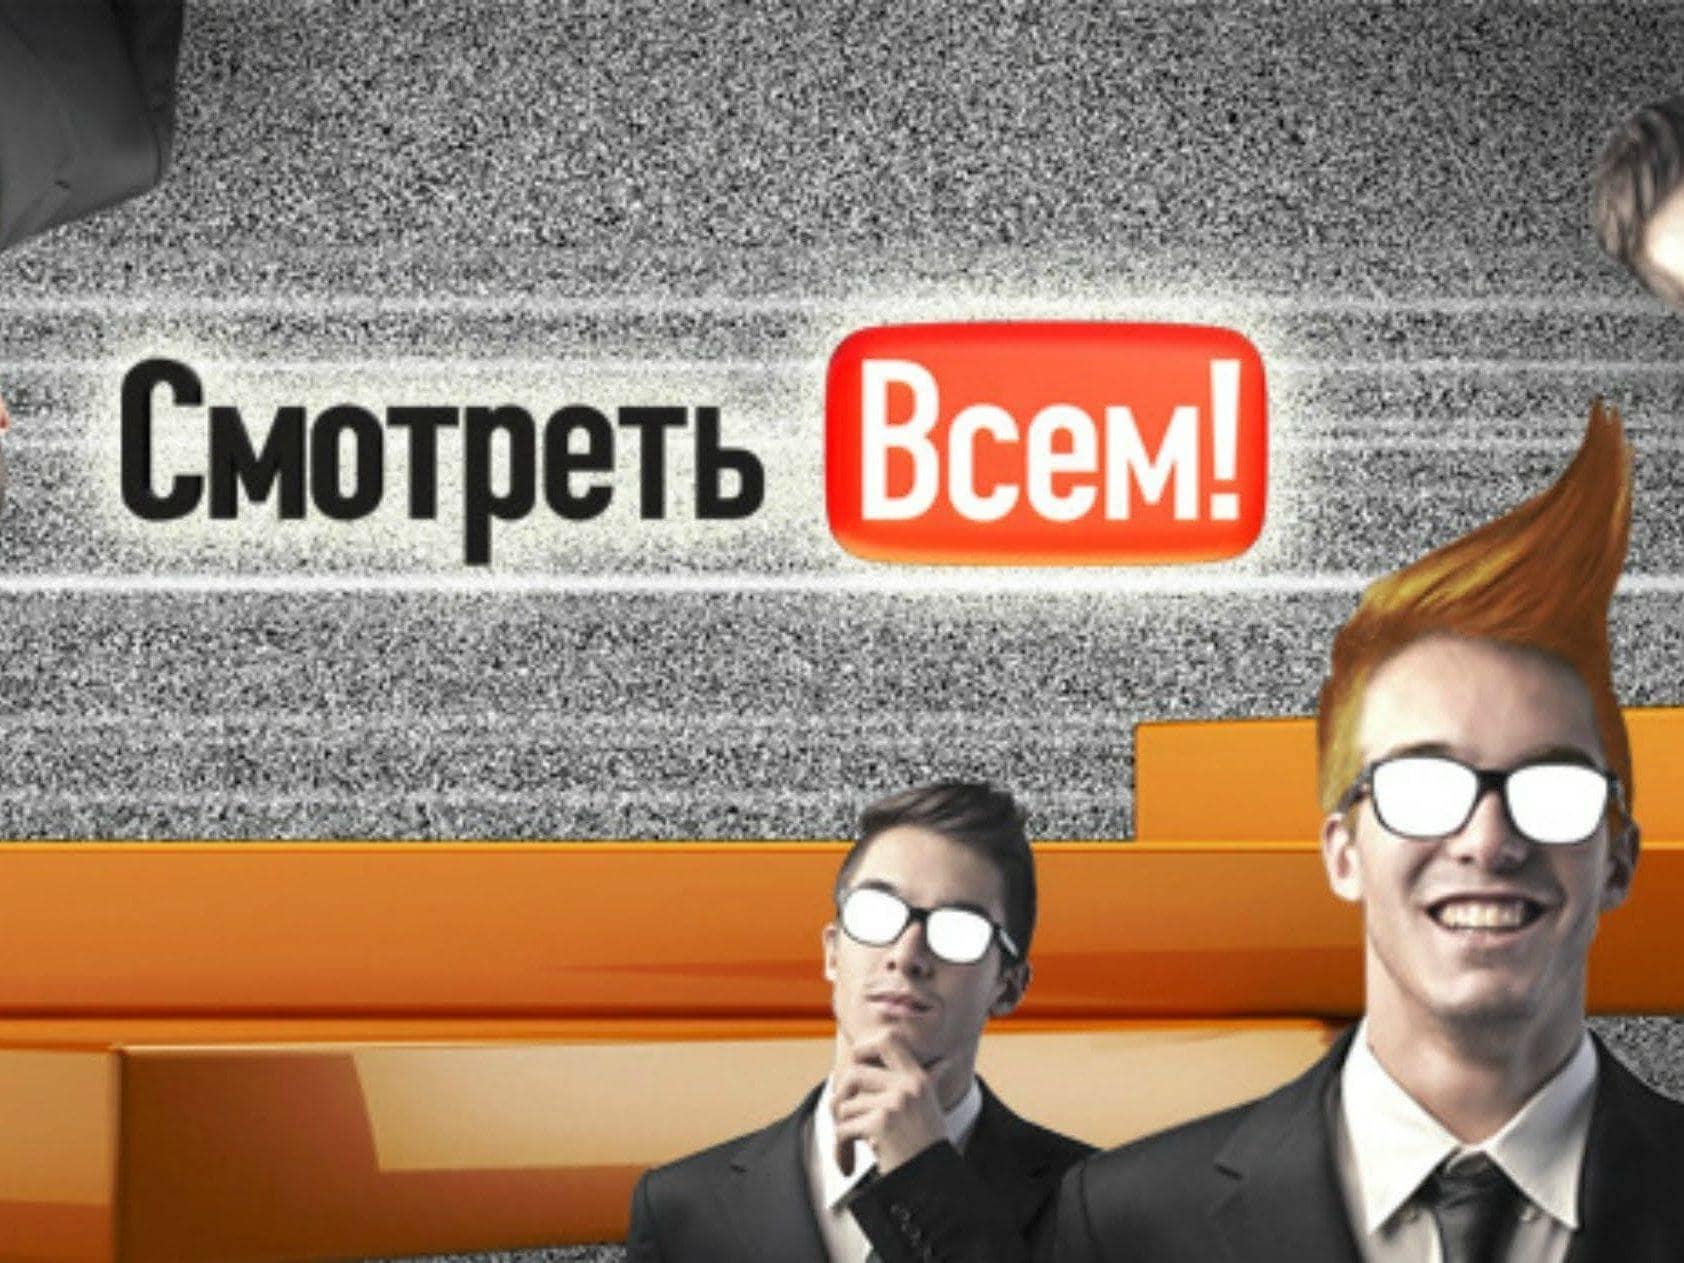 Смотреть всем! 384 серия в 21:48 на РЕН ТВ